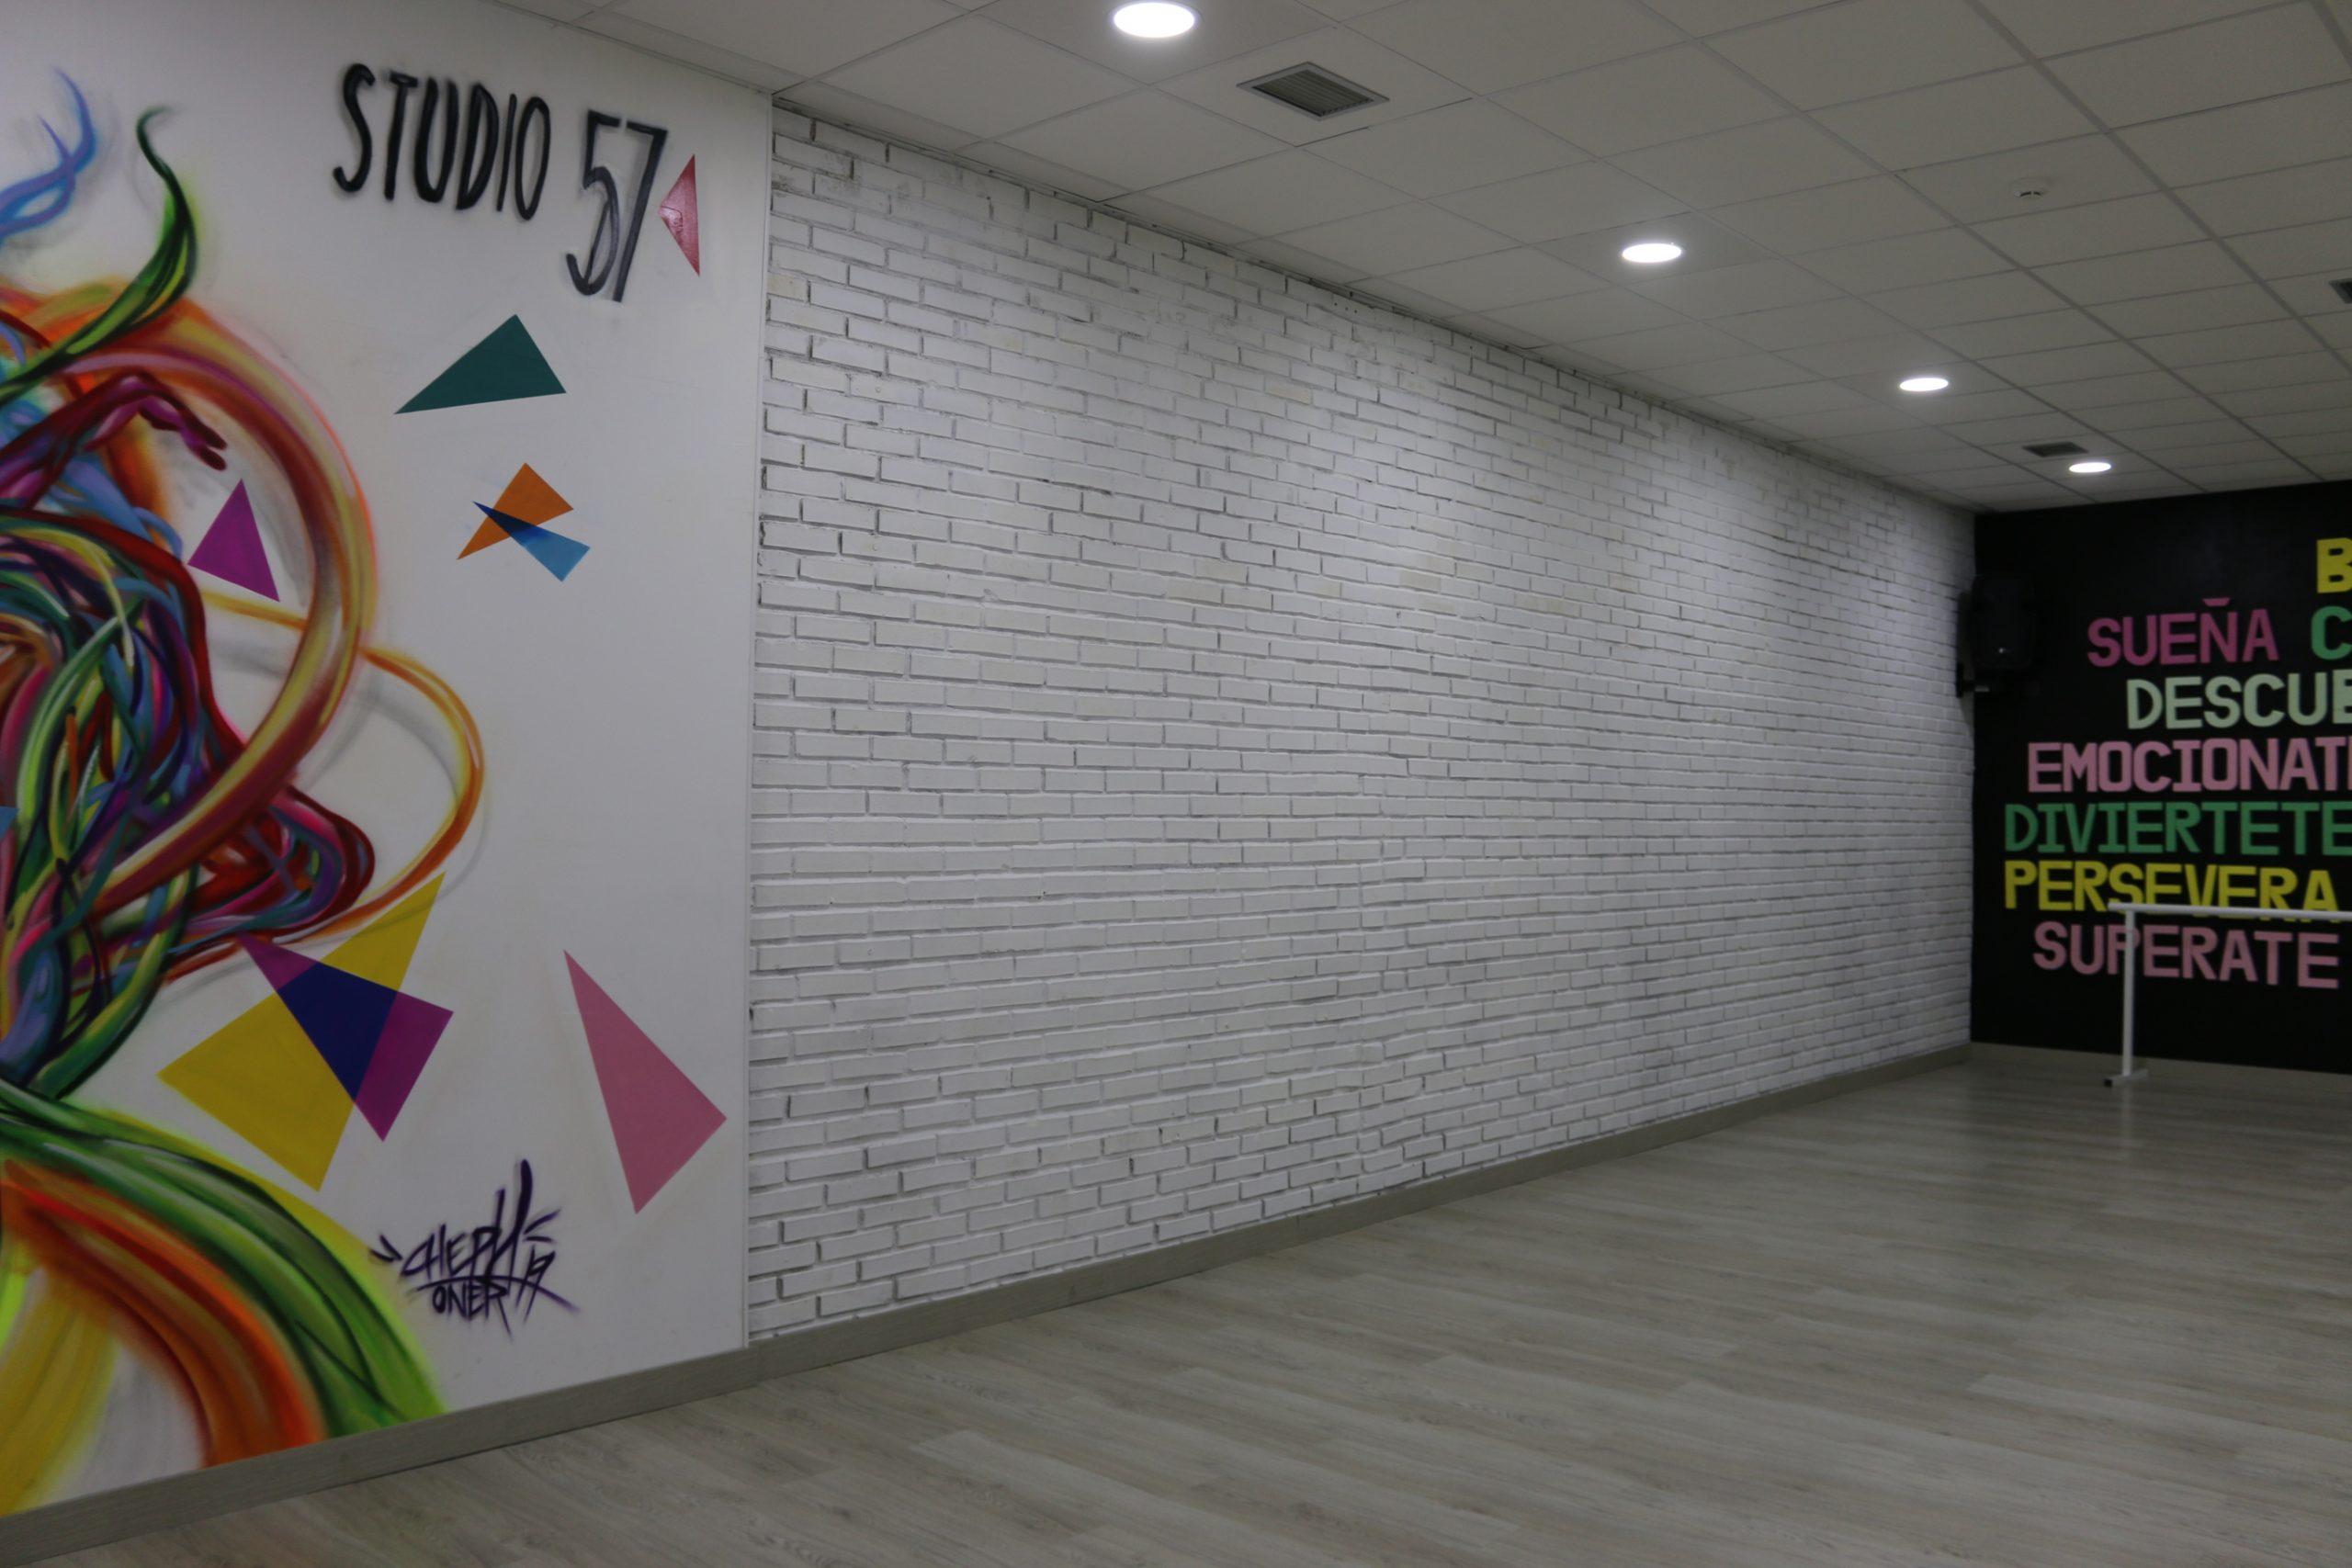 Studio57 Sala M